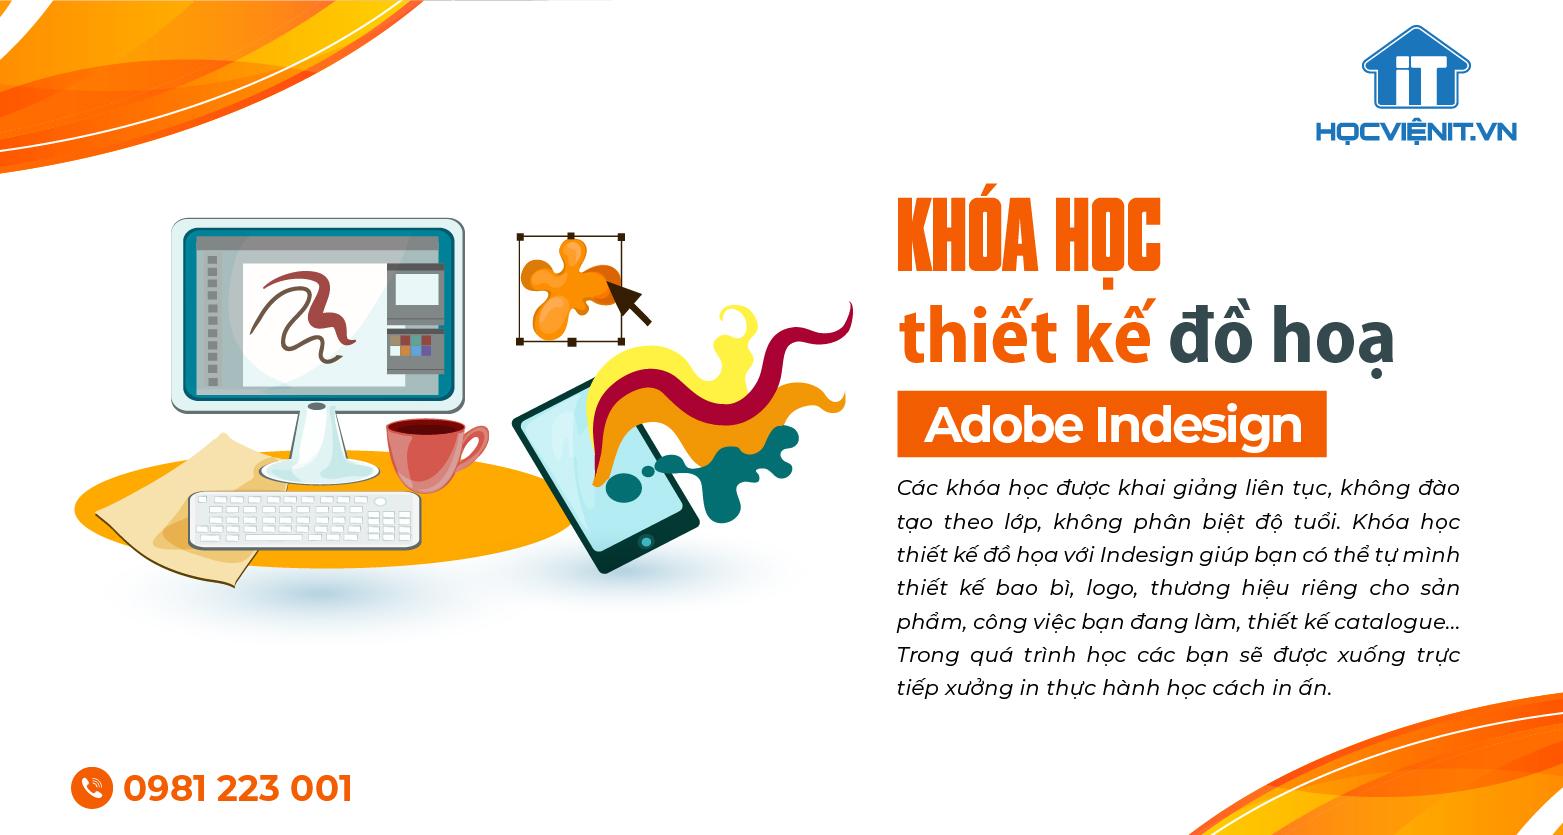 Khóa học thiết kế đồ họa Adobe Indesign